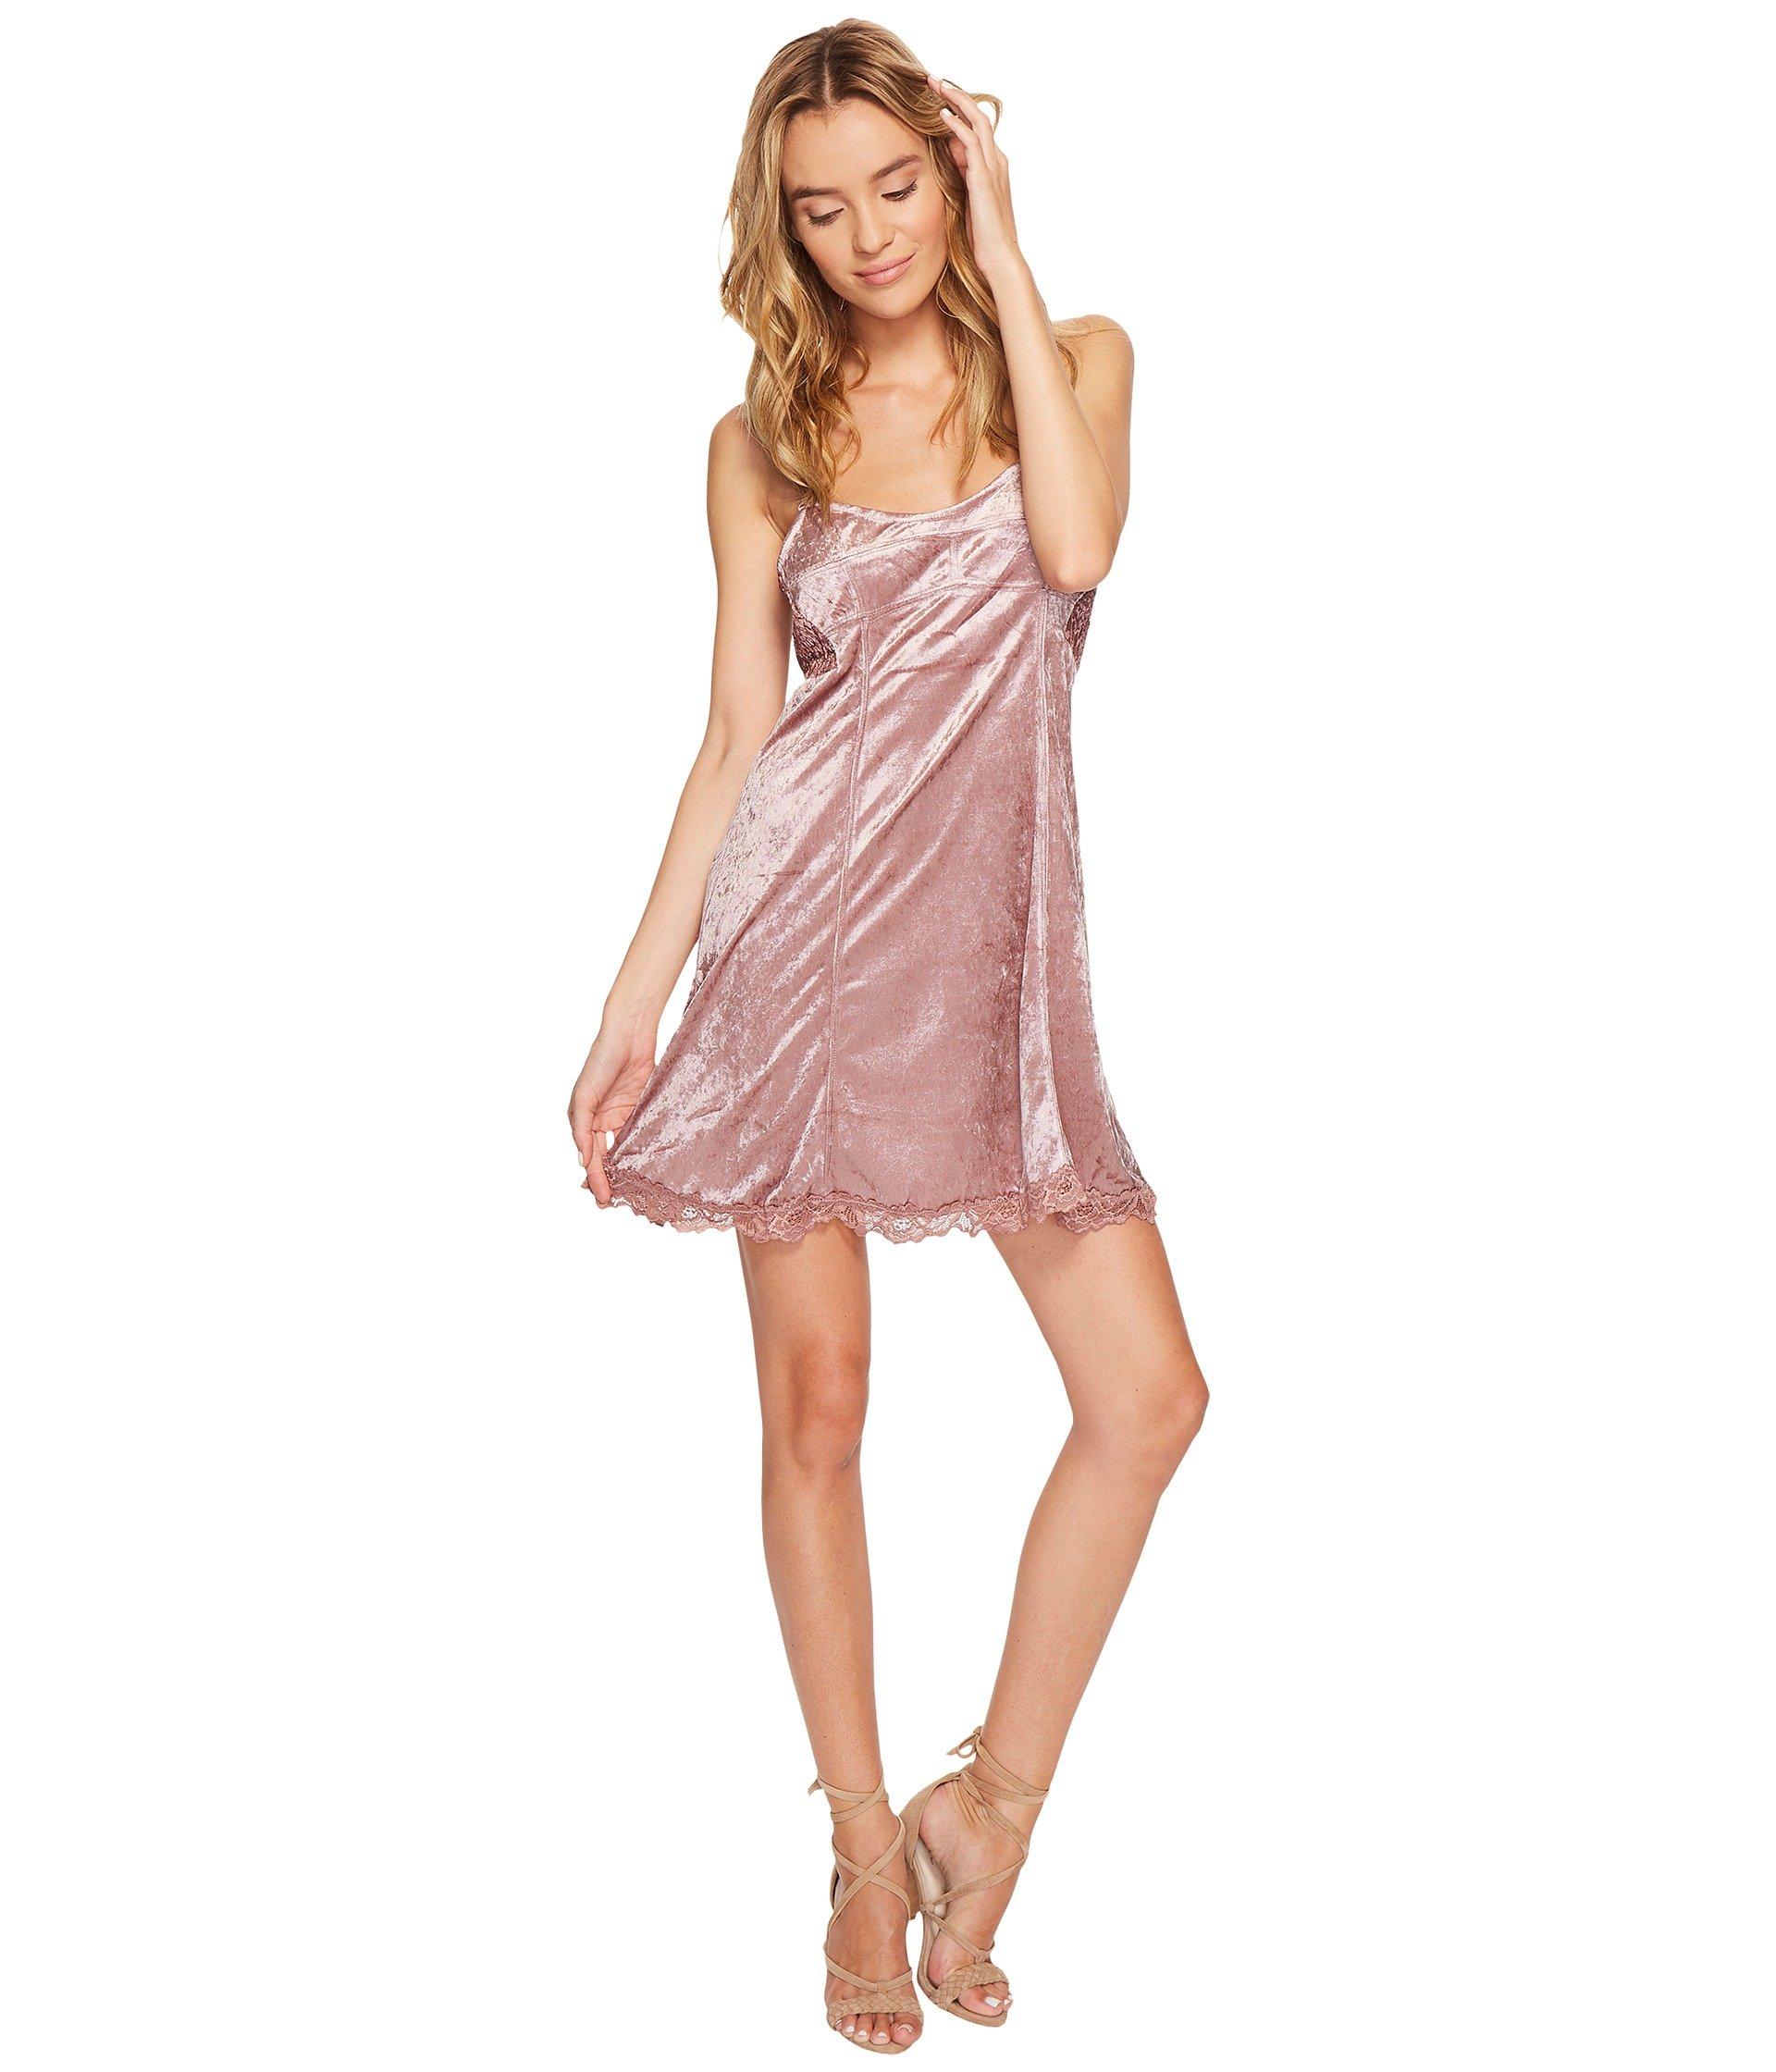 Cheeky Velvet Mini Dress